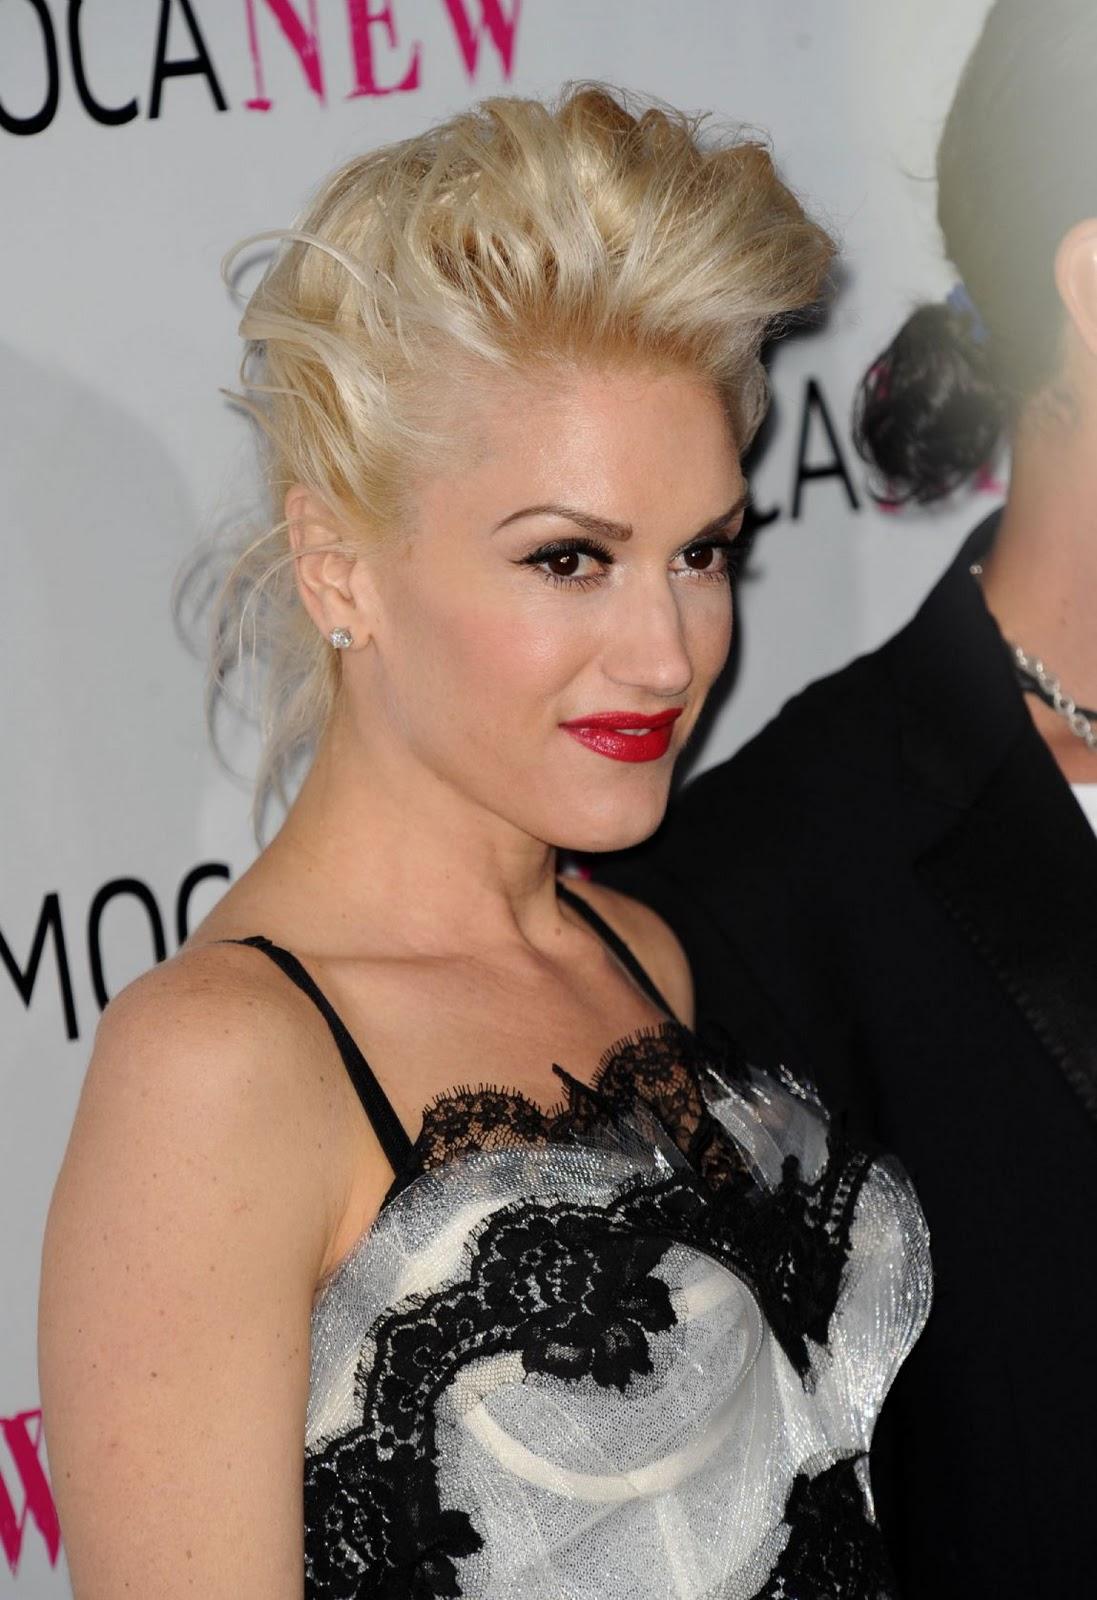 http://3.bp.blogspot.com/-Vj1W01PTLoE/Tolaup7l9NI/AAAAAAAAAos/7wvEmqiri3s/s1600/Gwen-Stefani-hairstyle-songs-pics-lyrics%2B6.jpg